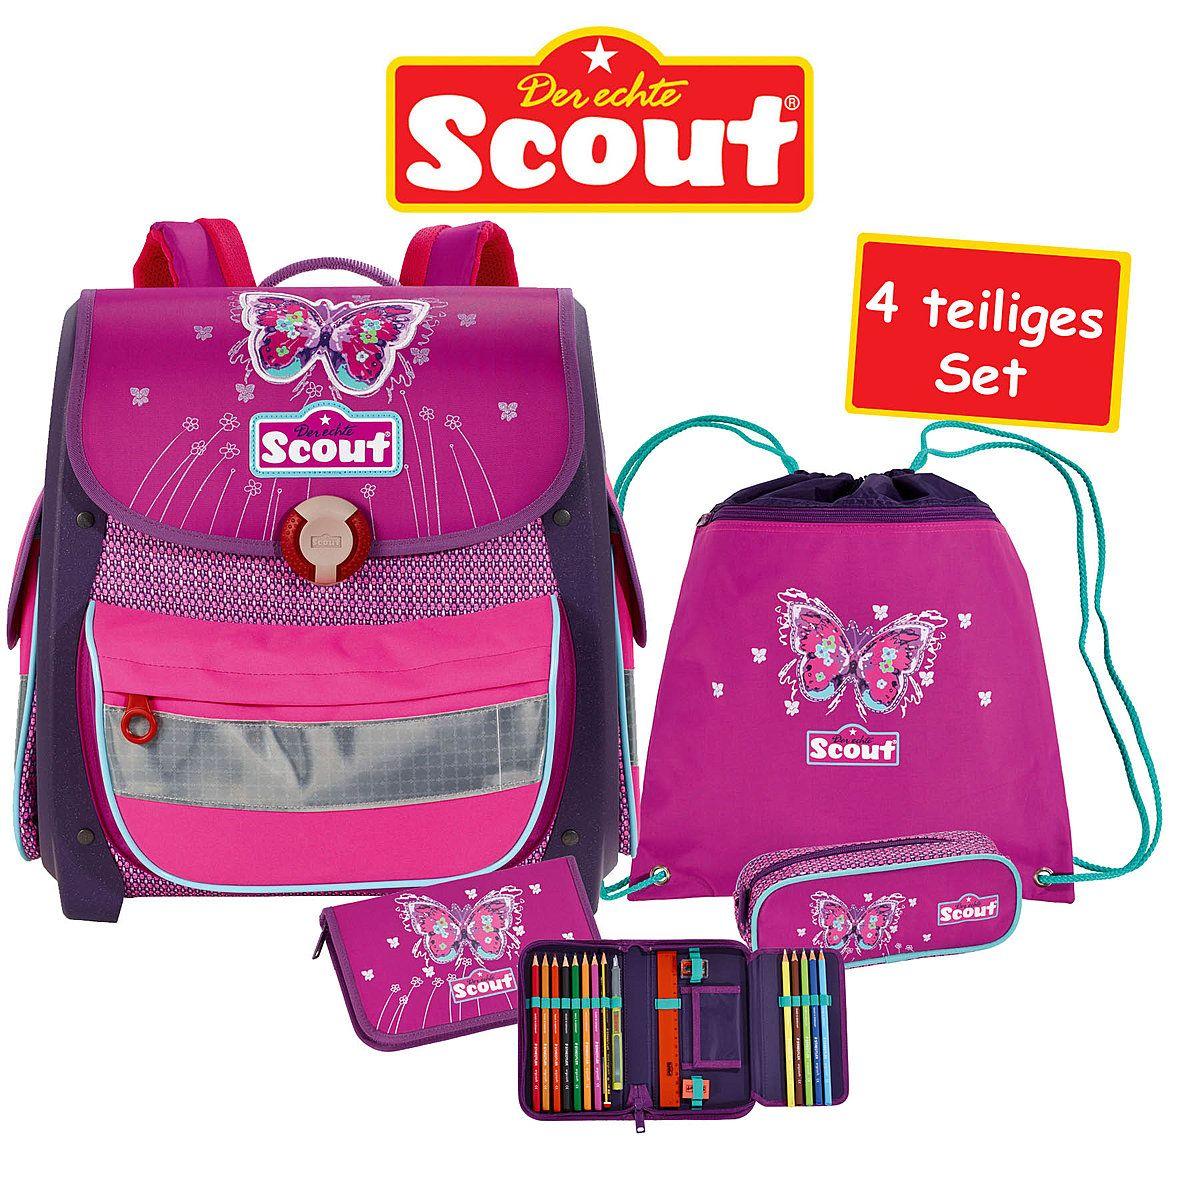 Scout Buddy Schulranzen Set Purple Butterfly Schulranzen Set Schulranzen Schultasche